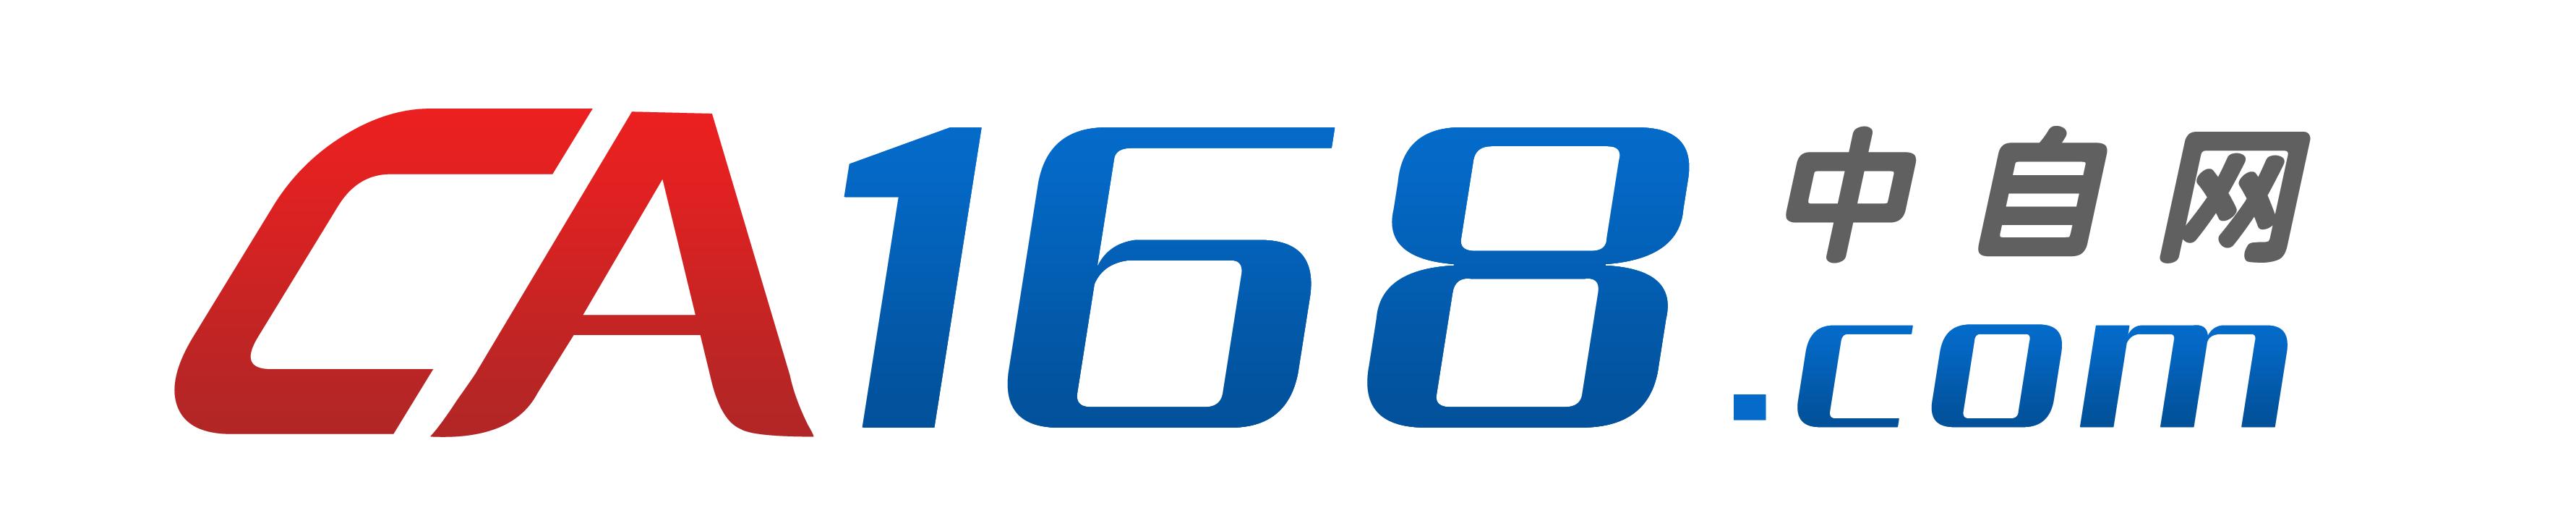 中自网logo